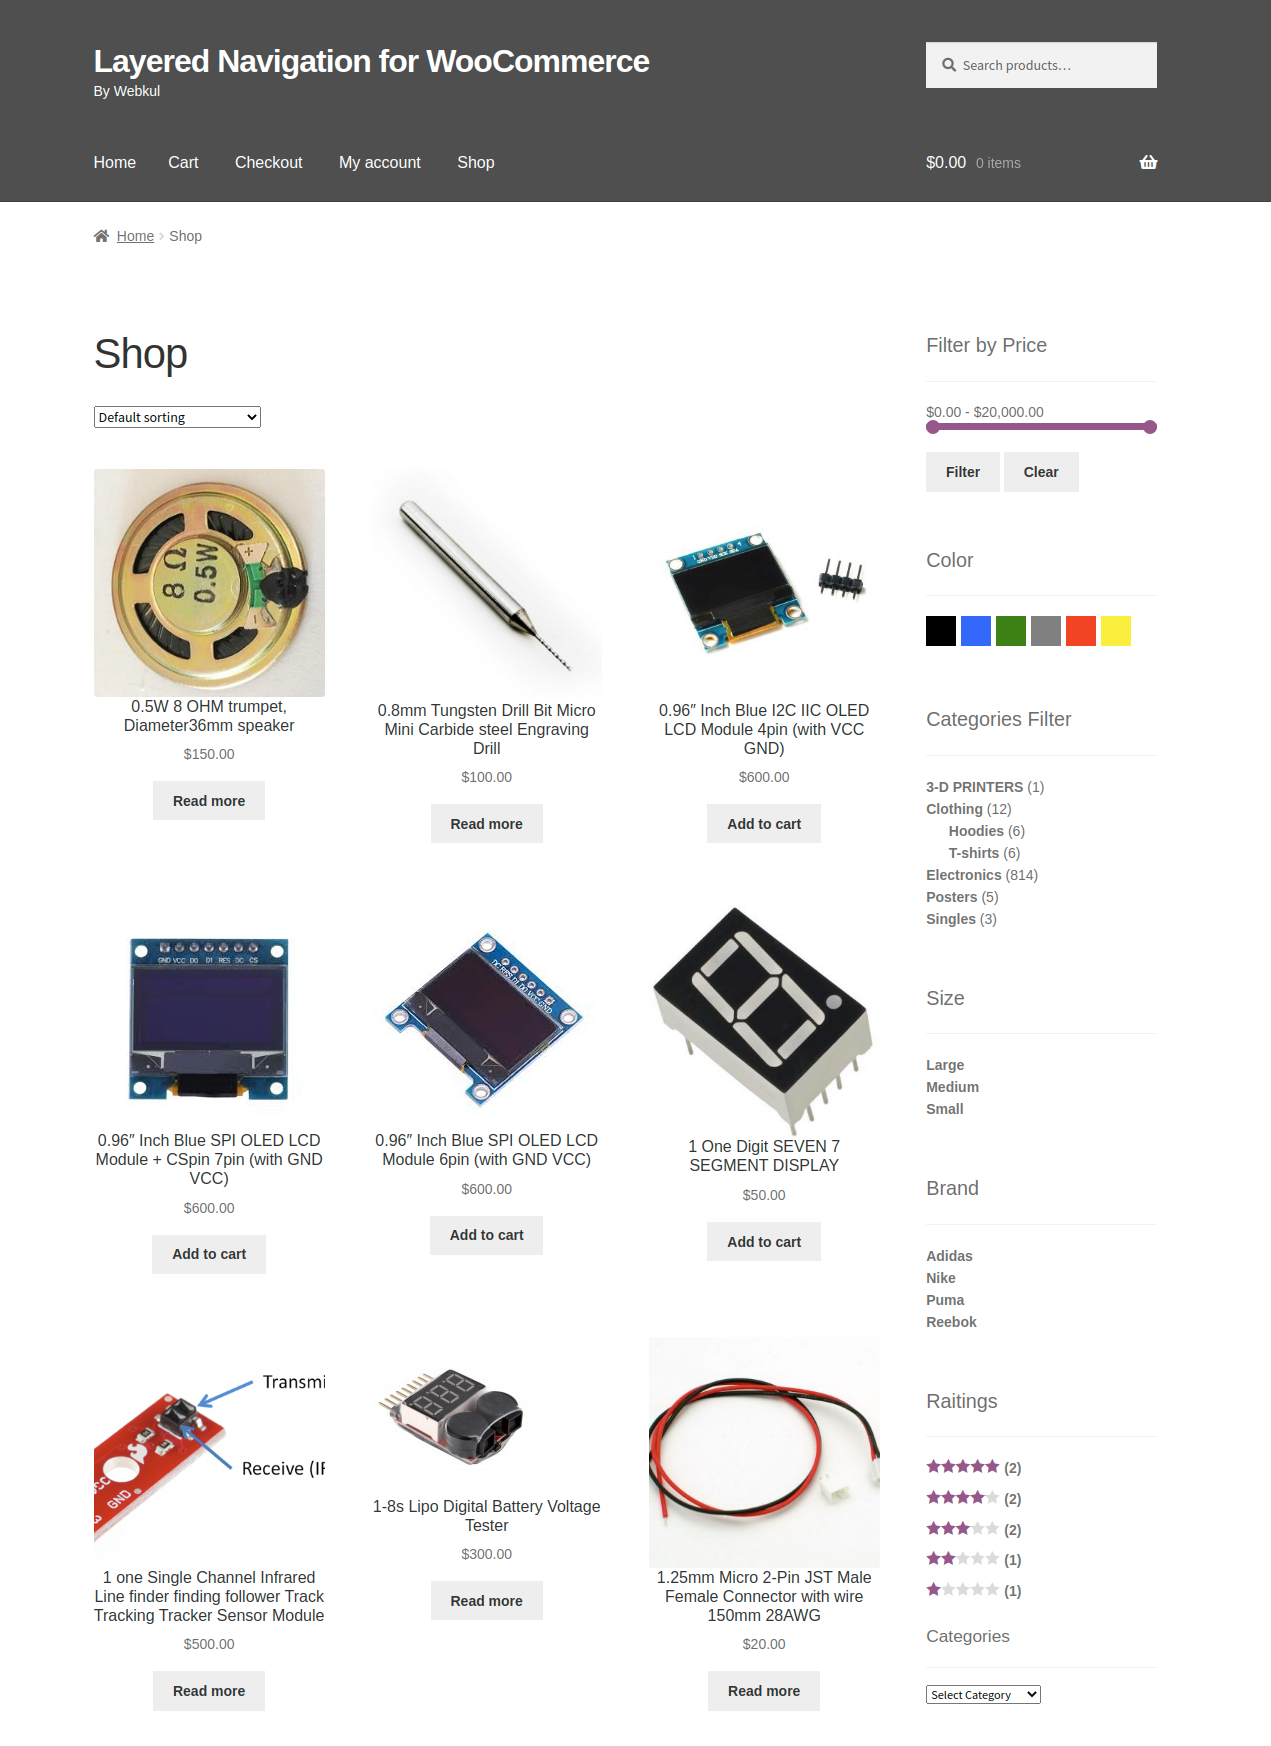 webkul-woocommerce-layered-navigation-plugin-shop-page